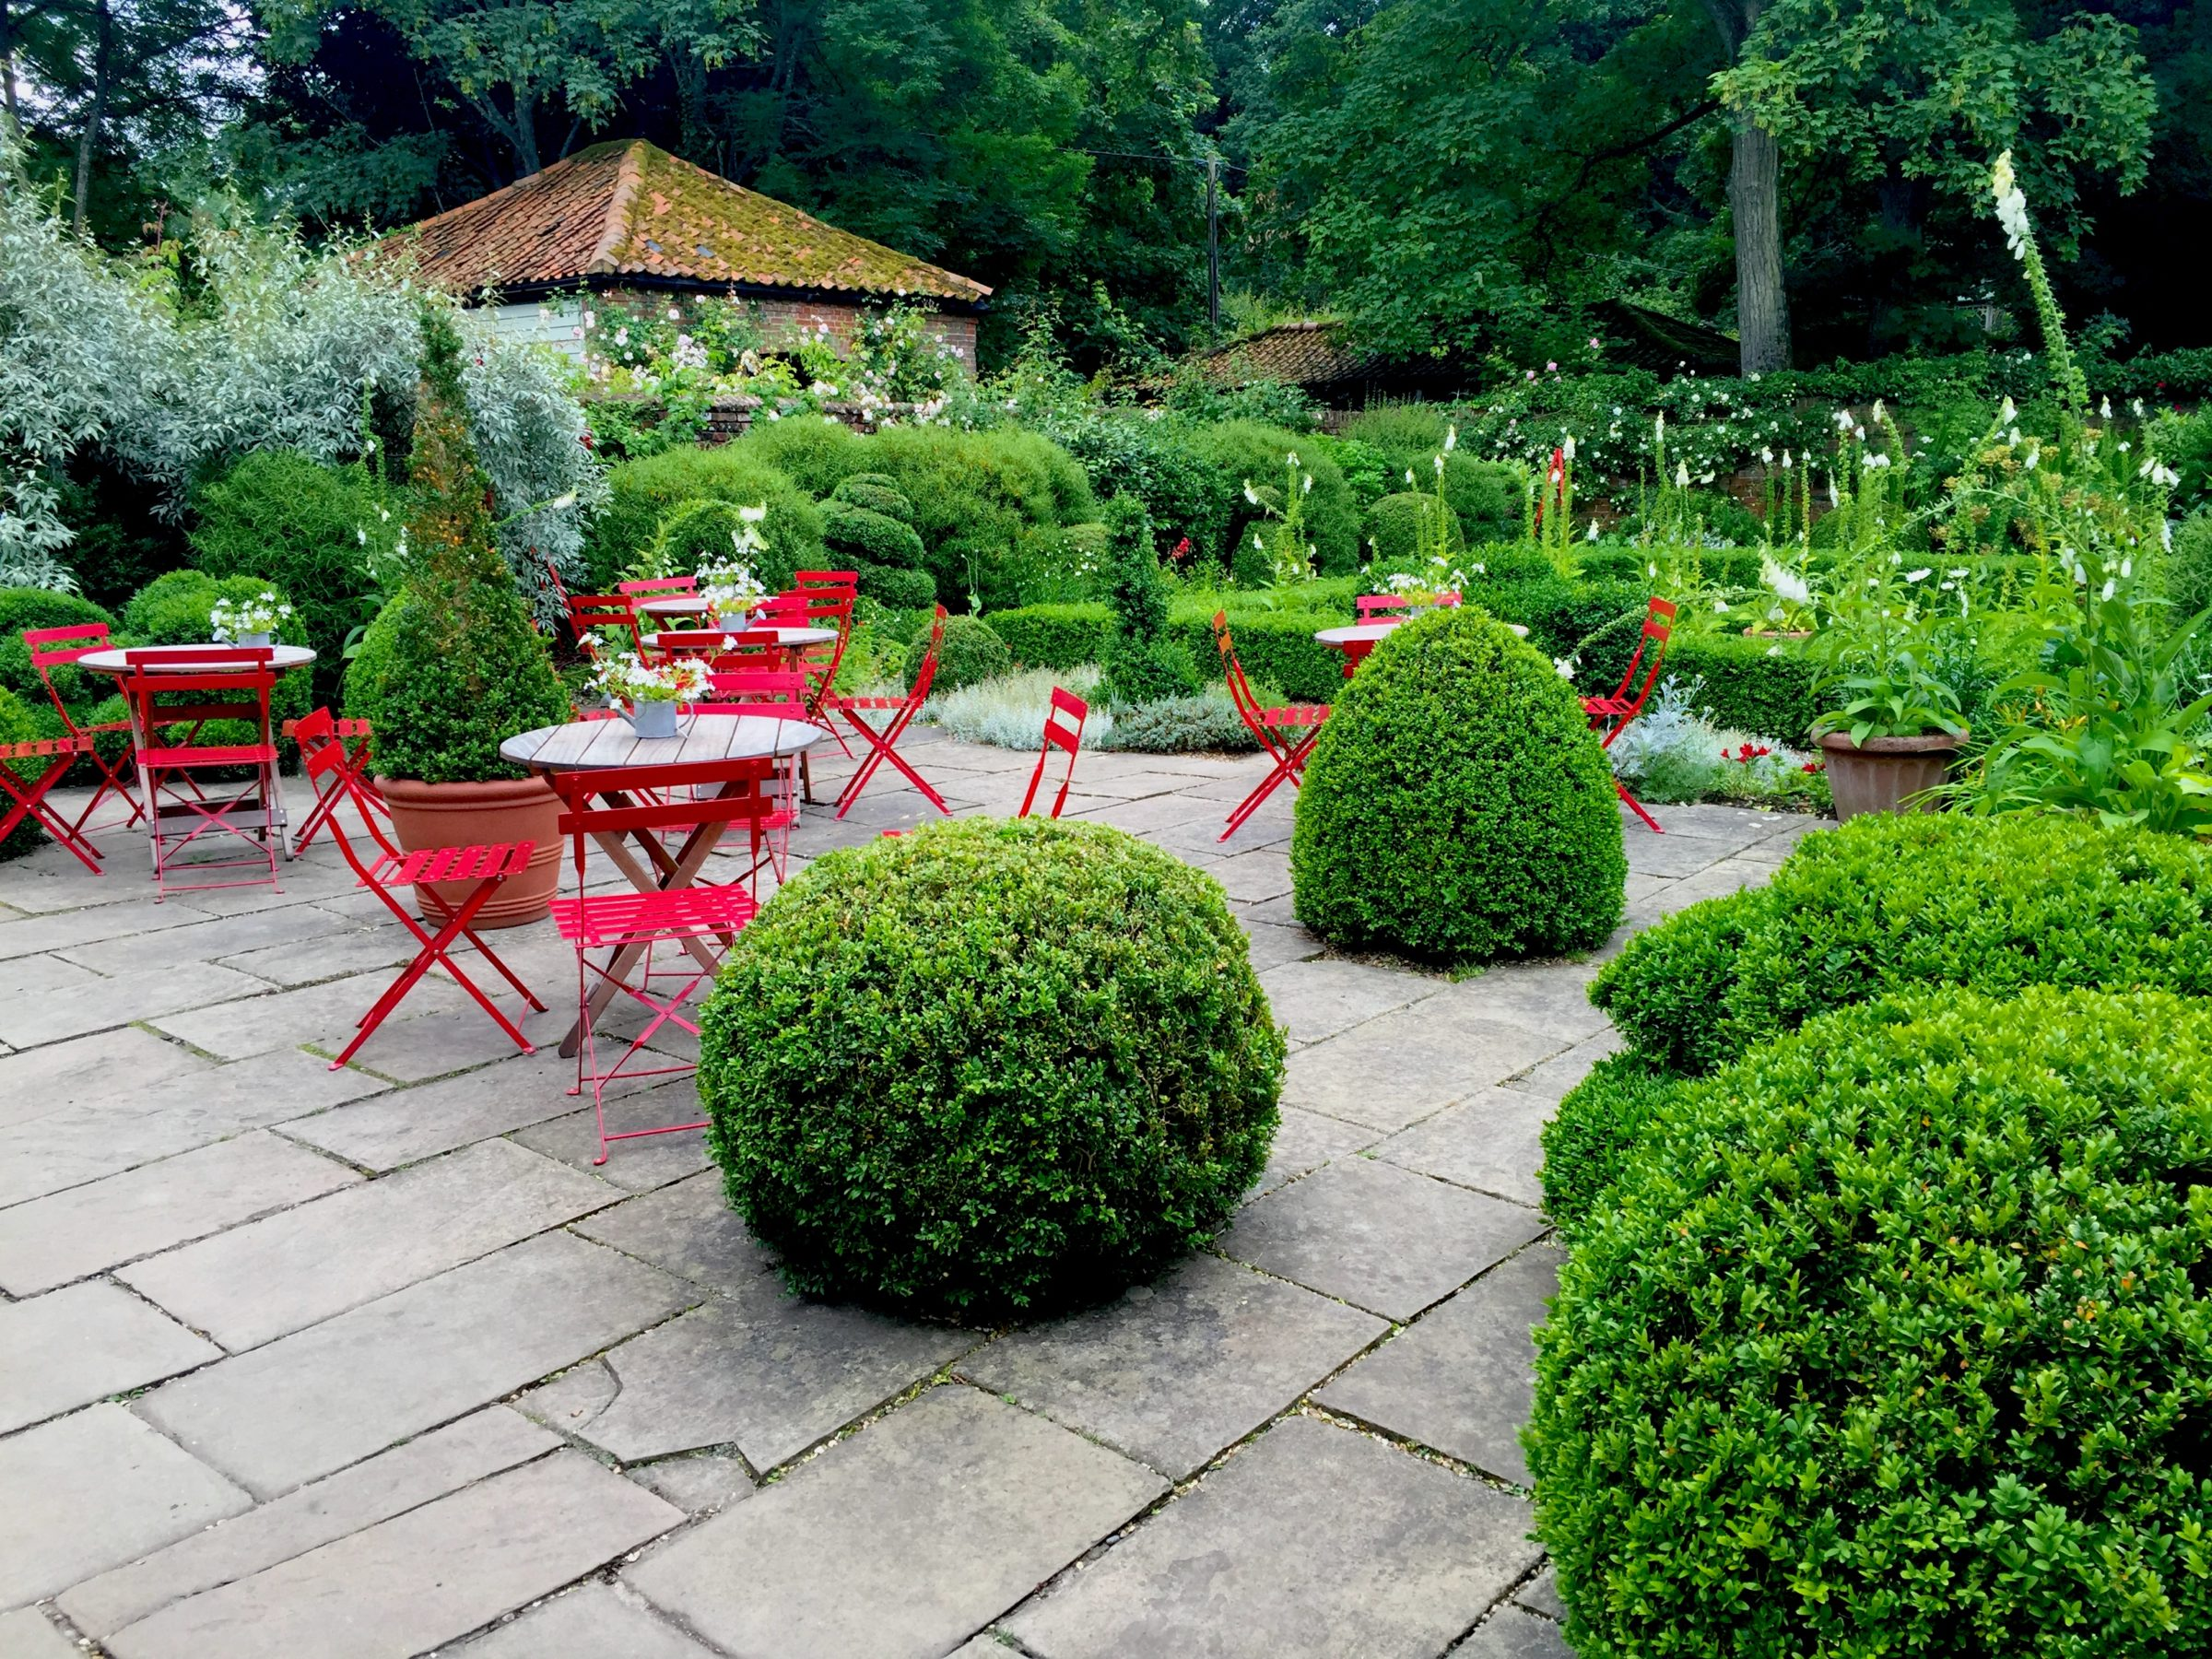 West Green Garden